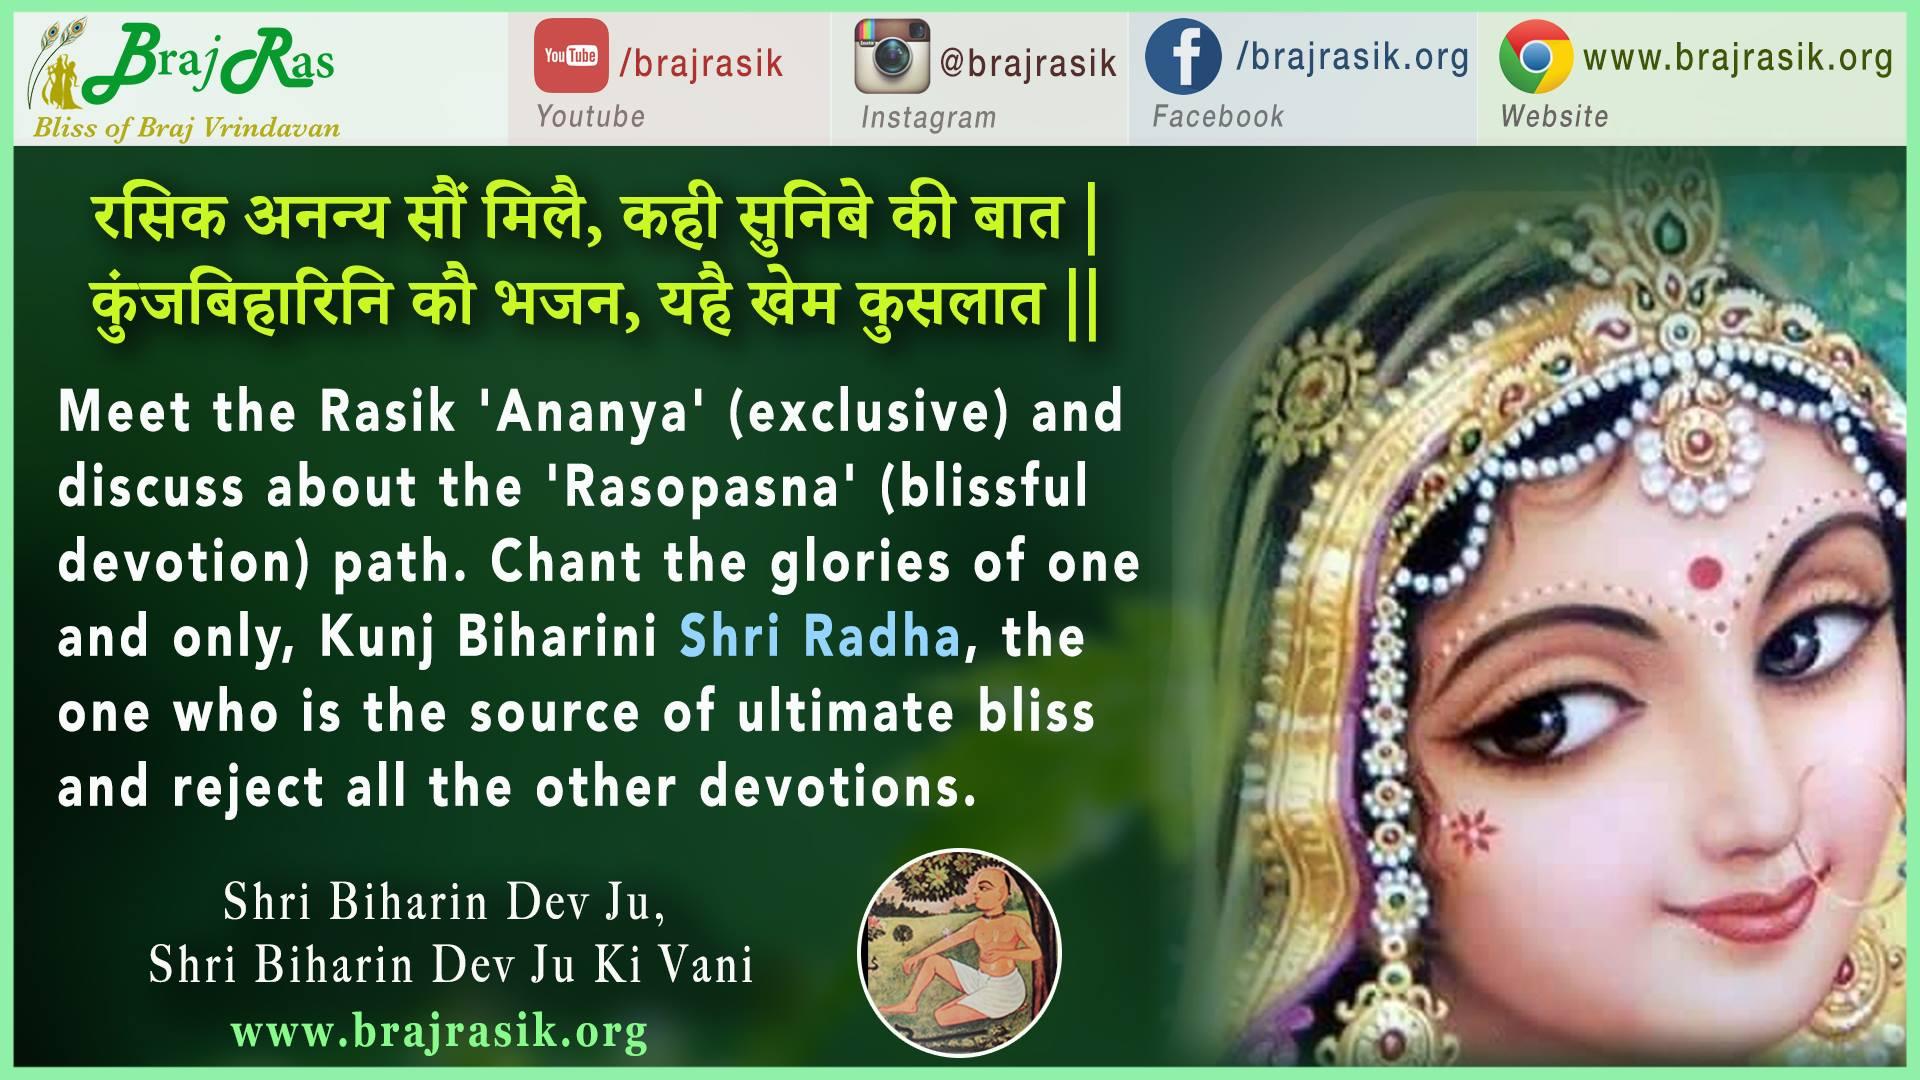 Rasik Ananya Son Mile, Kahi Sunibe Ki Baat - Shri Biharin Dev Ju, Biharin Dev Ju Ki Vani